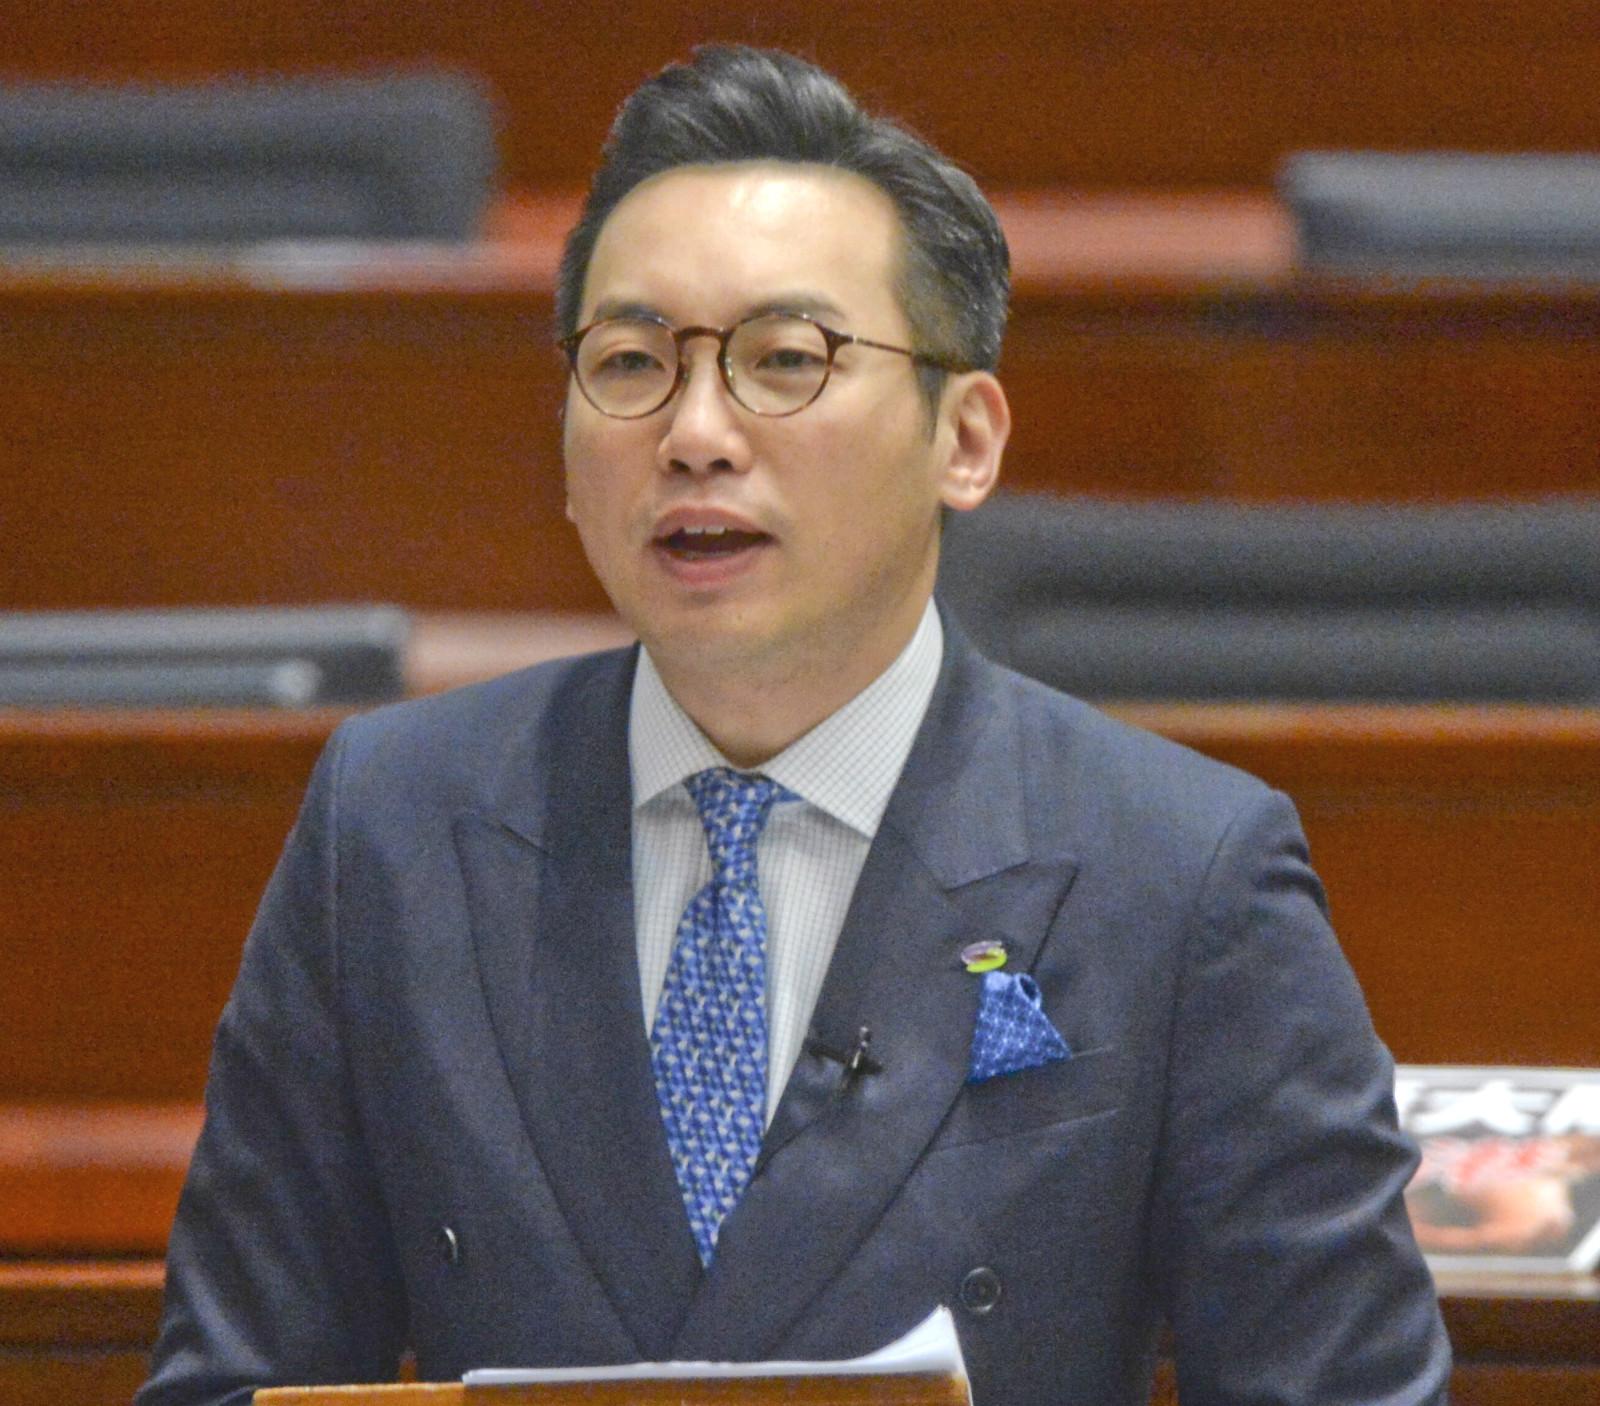 楊岳橋指若《逃犯條例》修例只限台灣料獲通過。資料圖片